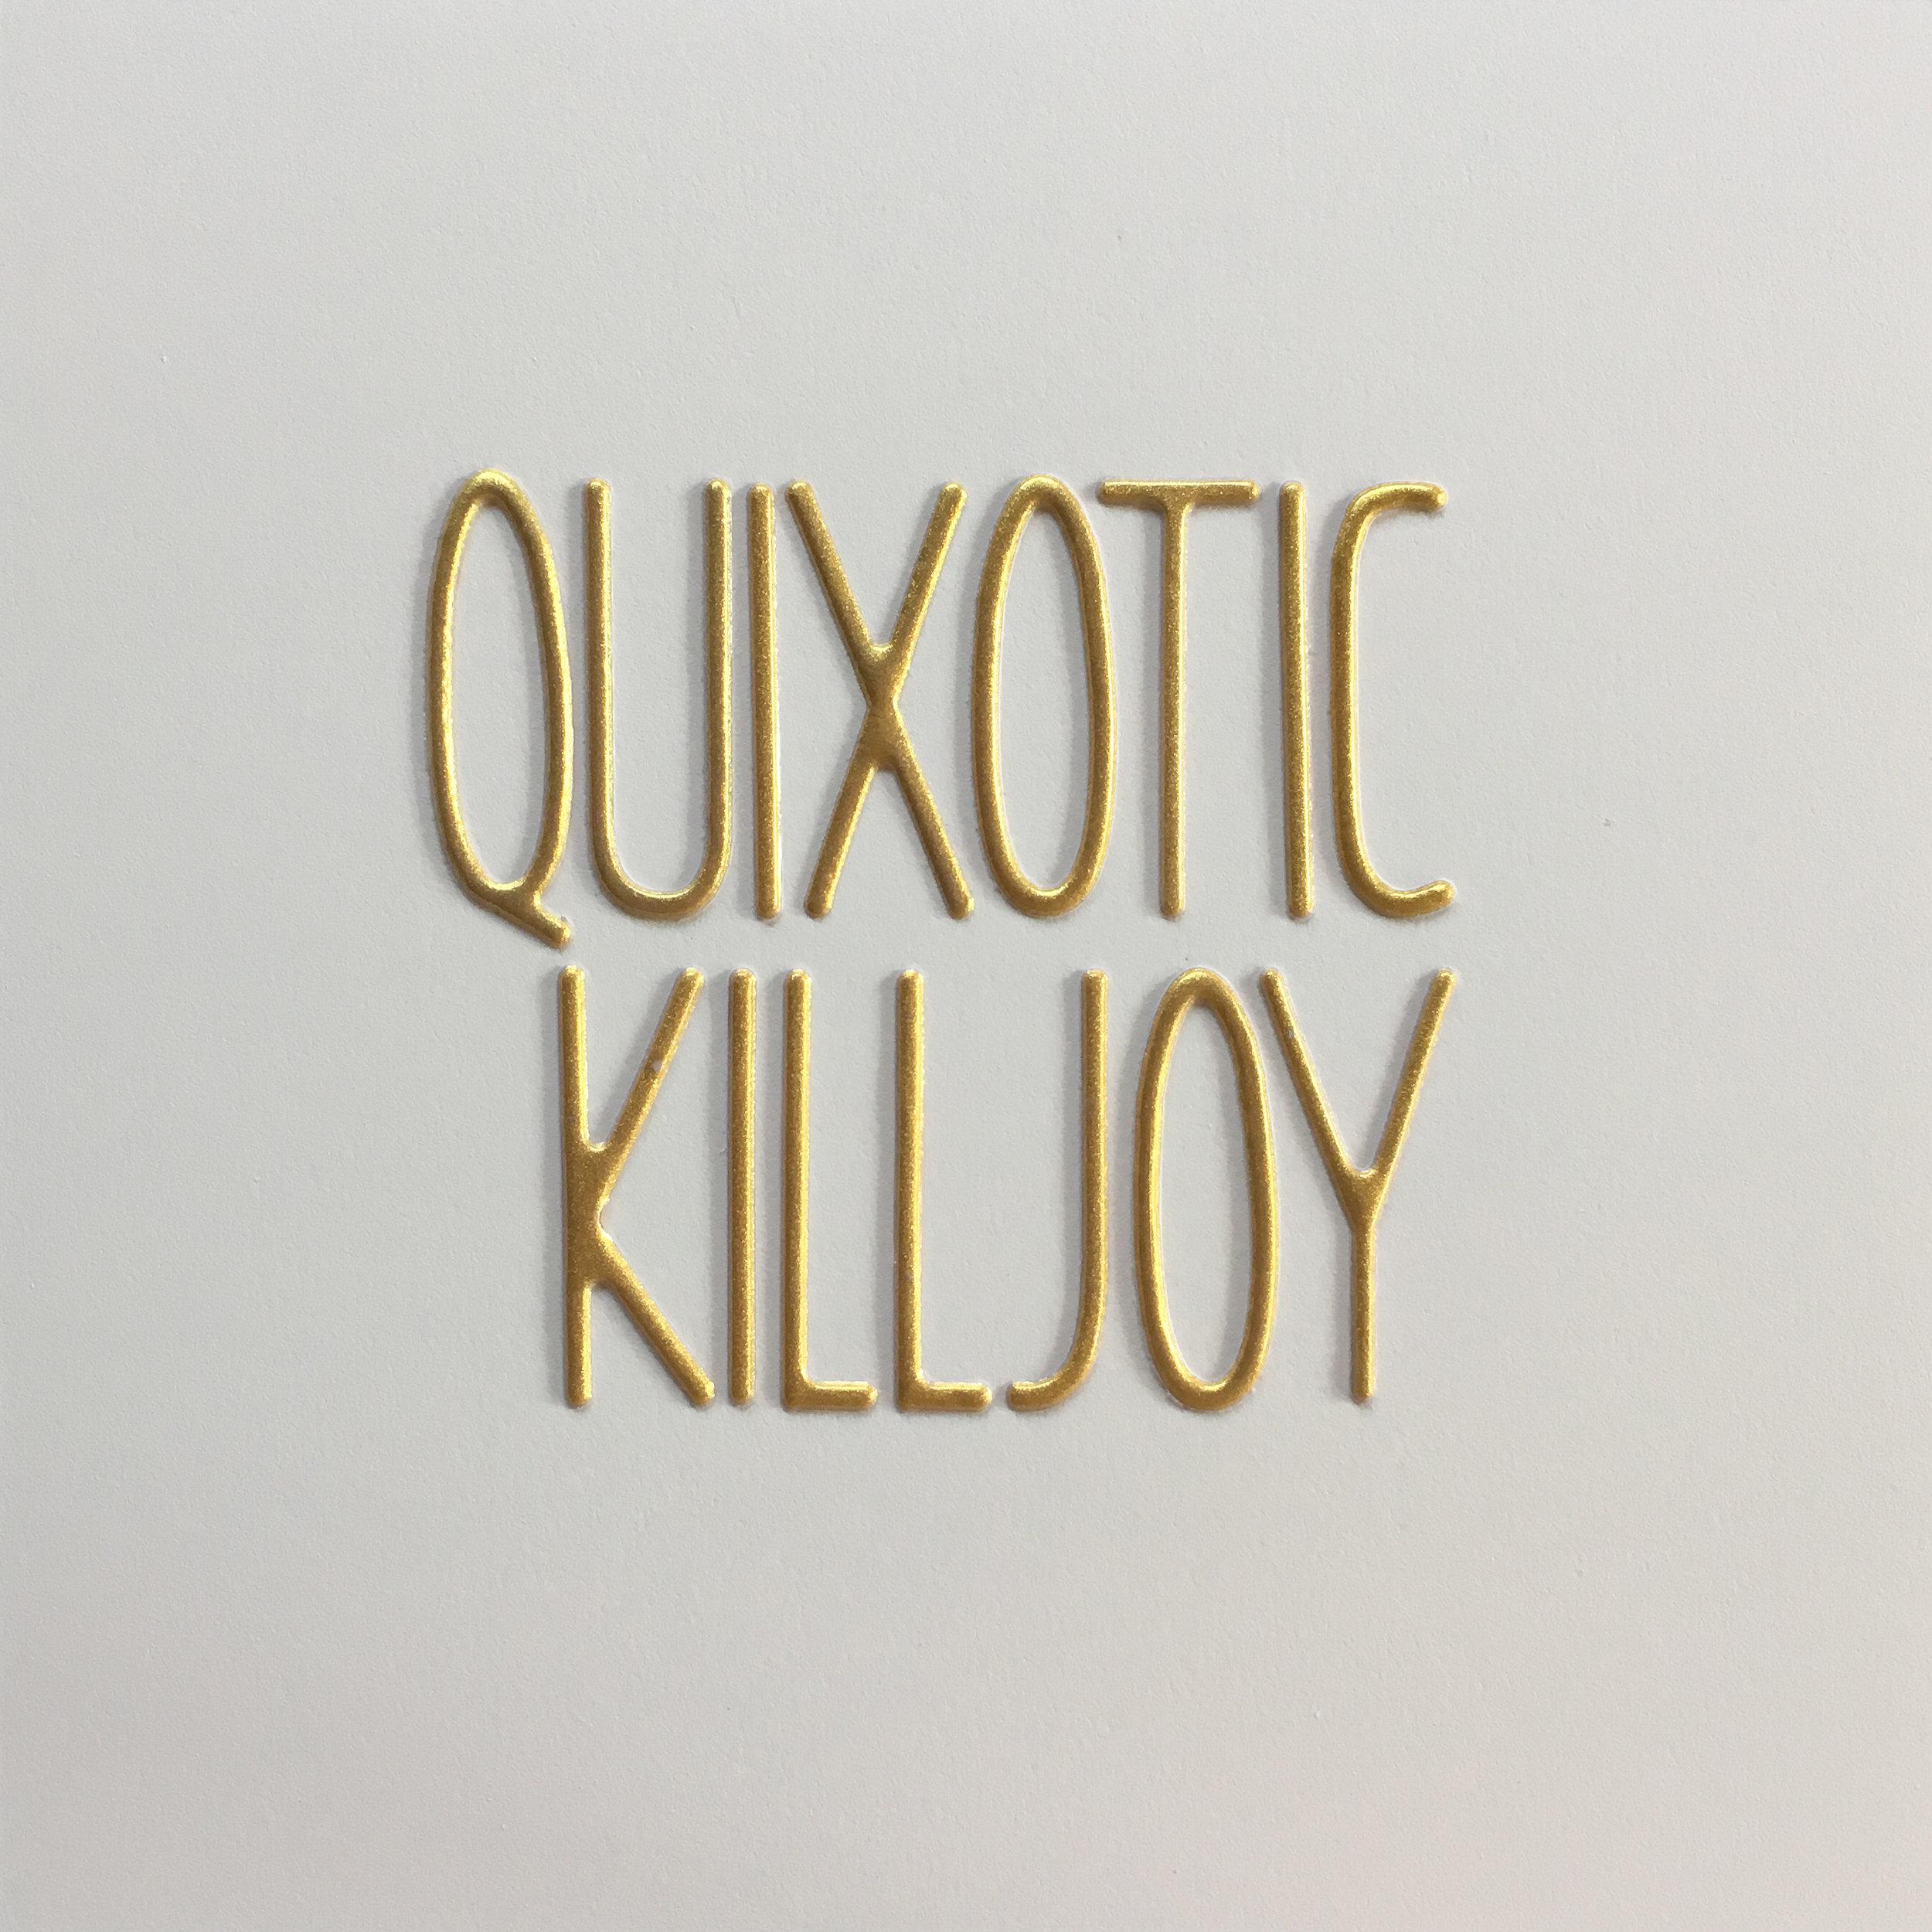 quixotic killjoy.jpg